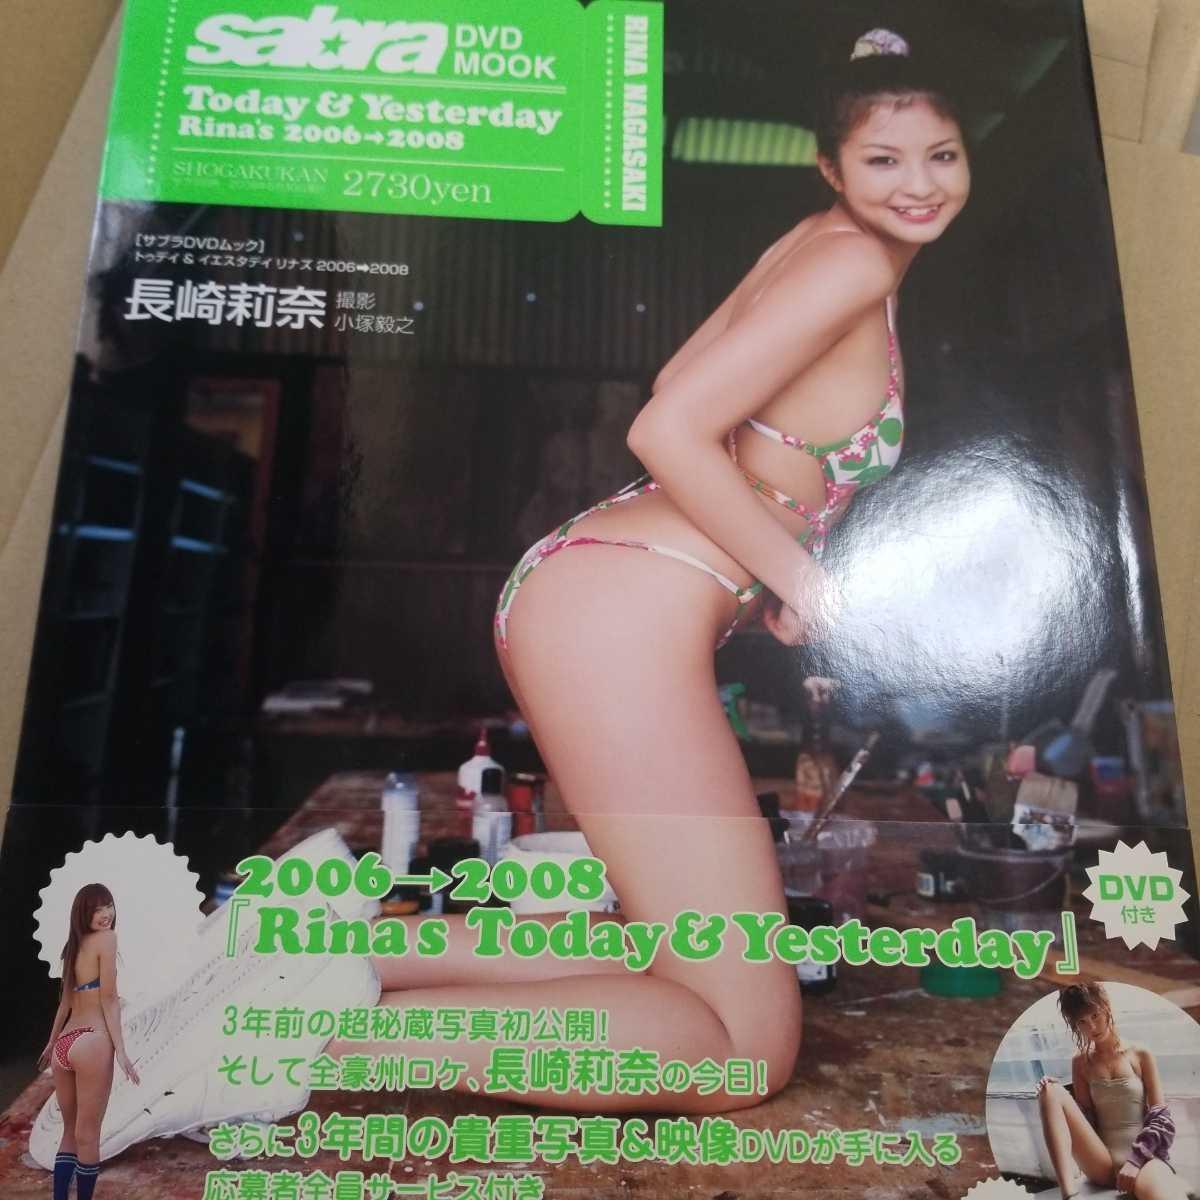 直筆サイン入り長崎莉奈写真集 DVD未開封◆サブラDVDムック Today&Yesterday Rina's 2006-2008